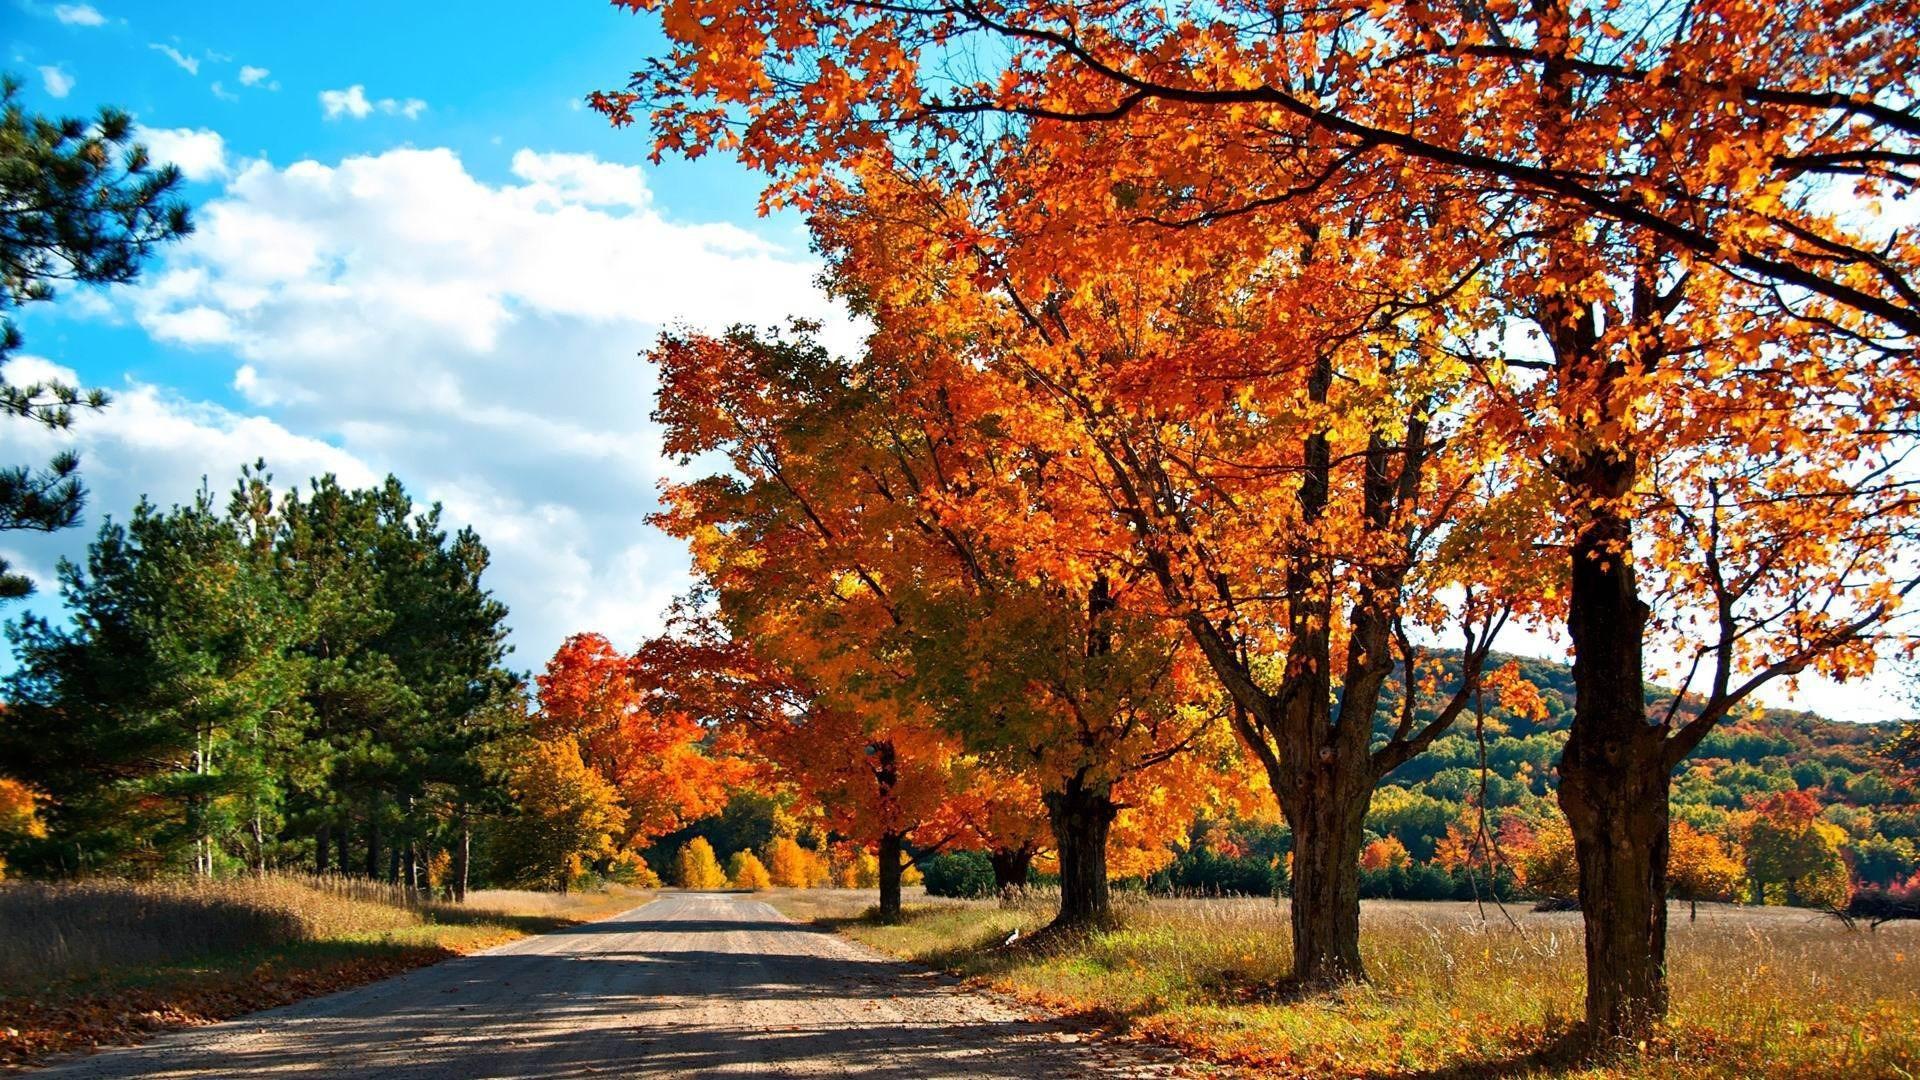 ウィンドウズ8 1テーマのhd壁紙 美しい秋の紅葉 10 19x1080 壁紙ダウンロード ウィンドウズ8 1テーマのhd壁紙 美しい秋の紅葉 システム 壁紙 V3の壁紙